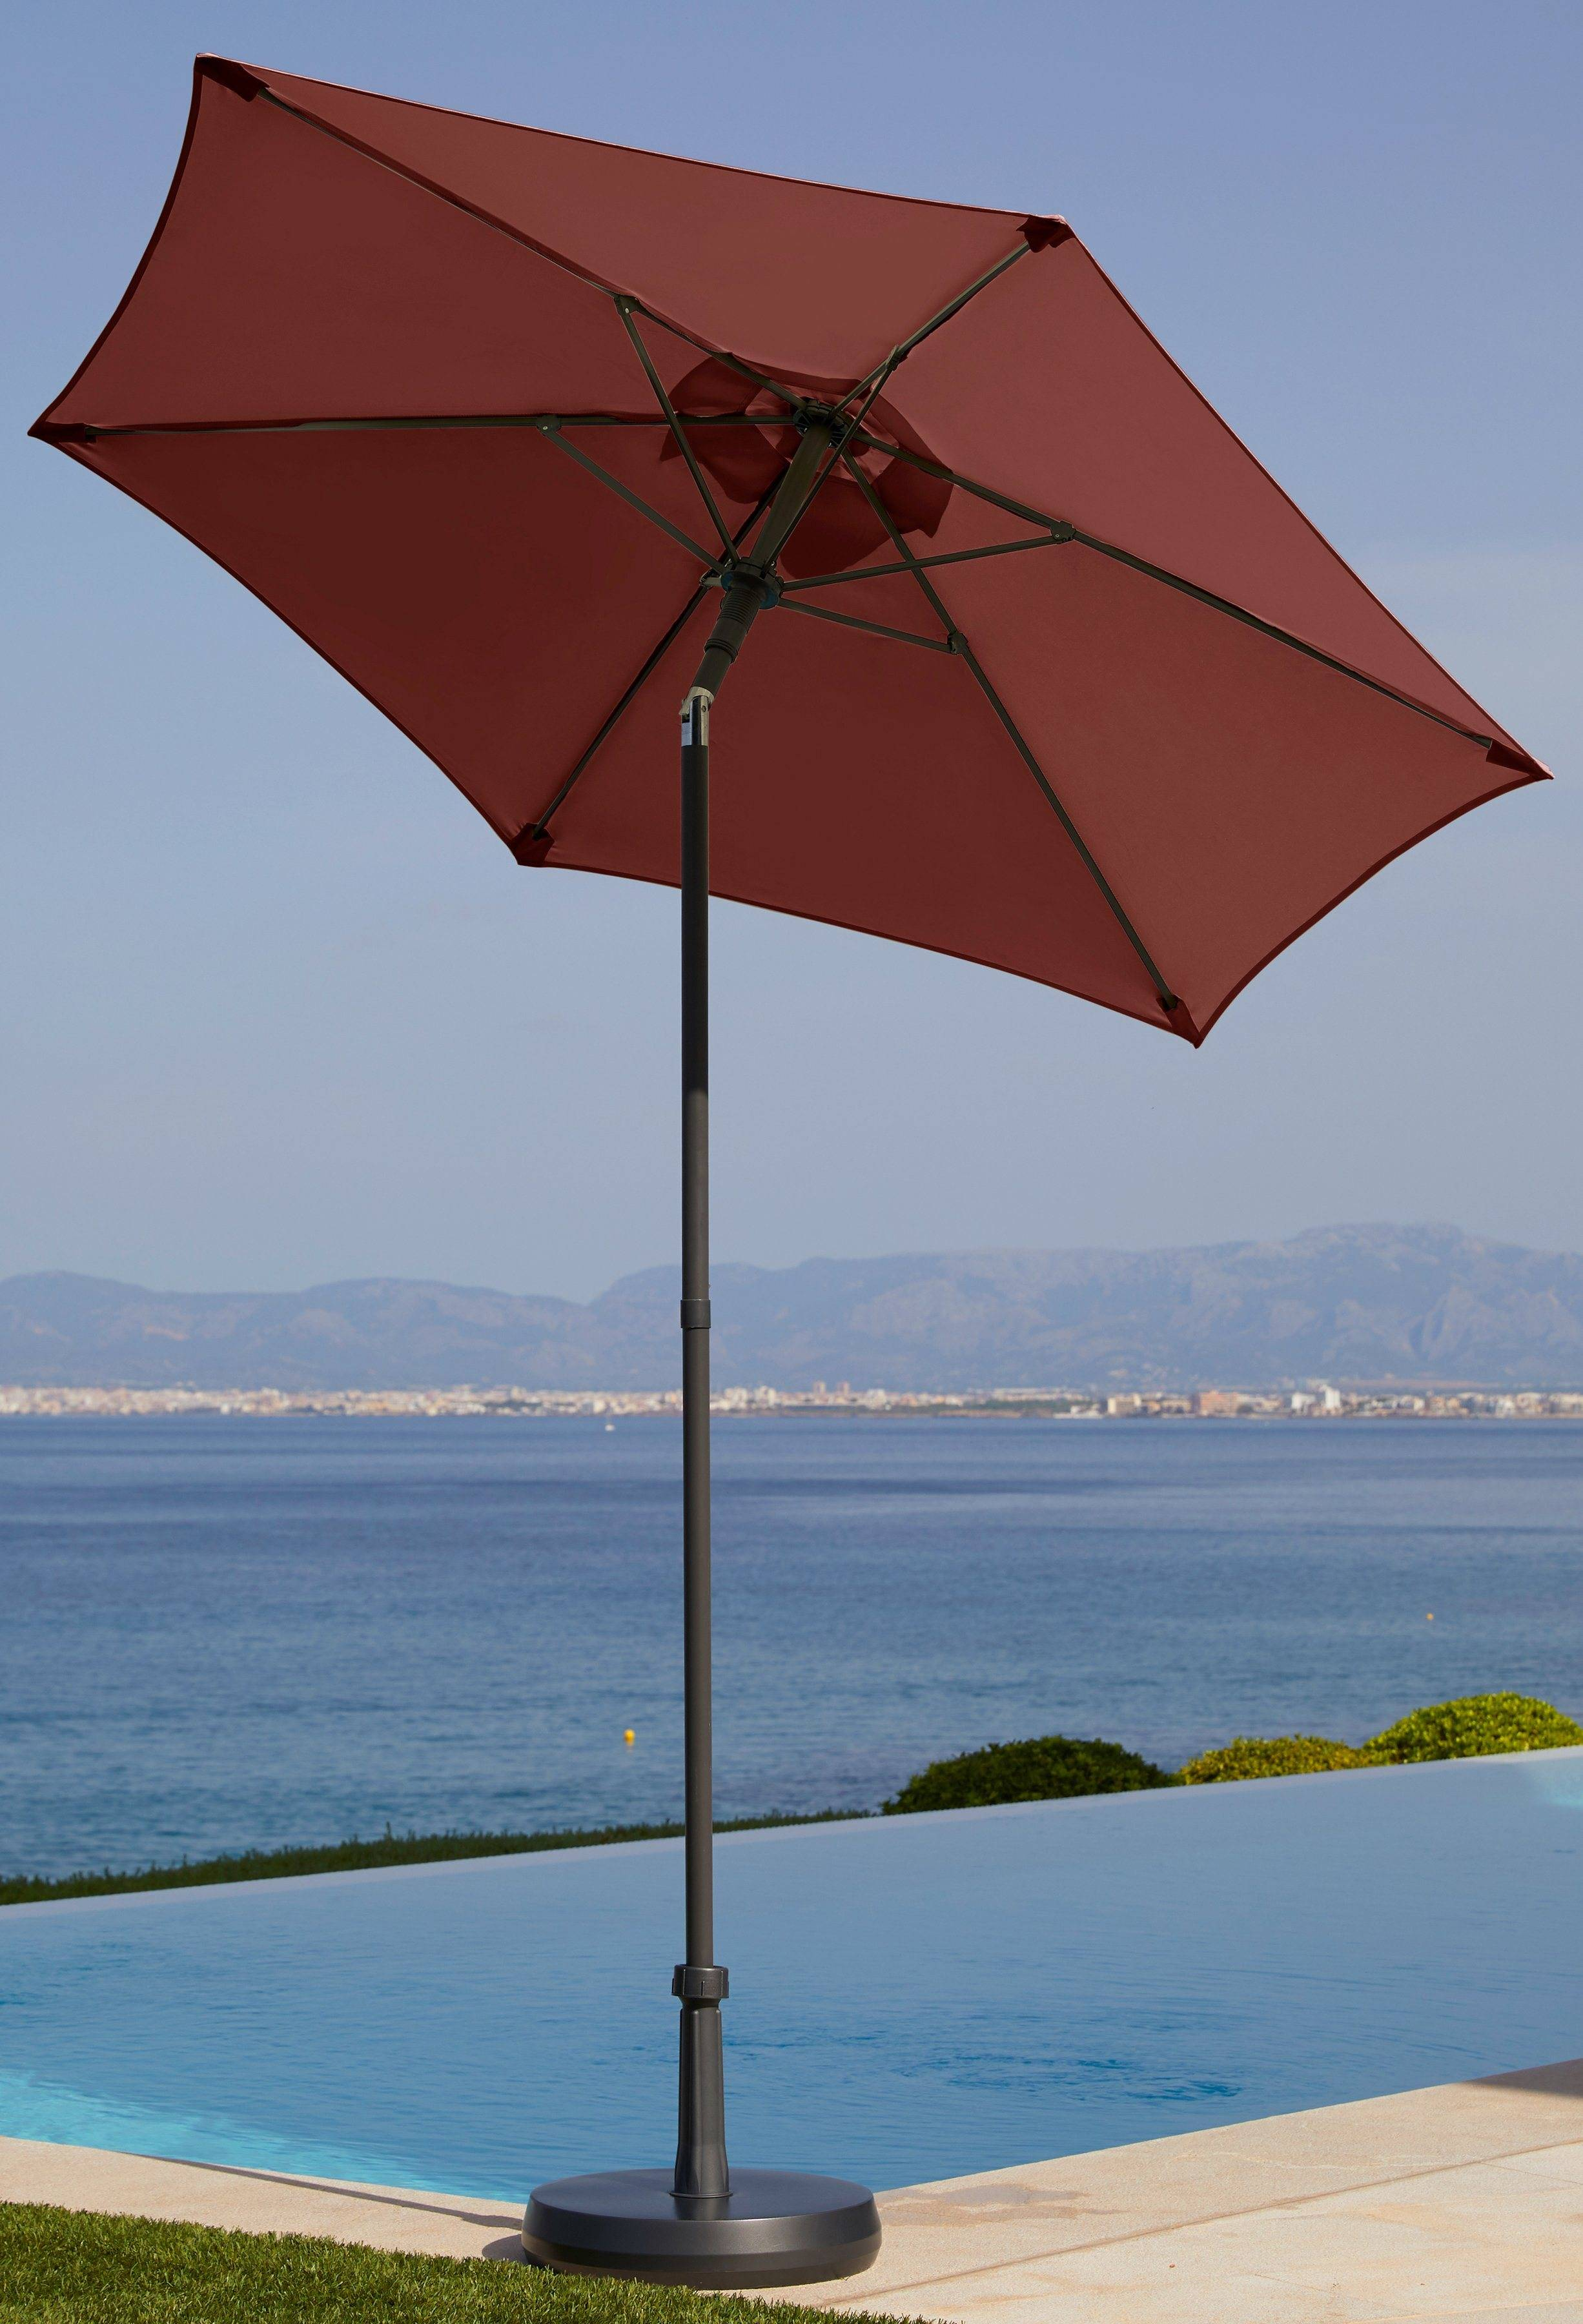 garten gut Sonnenschirm »Push up Schirm Rom«, Ø 200 cm, rot